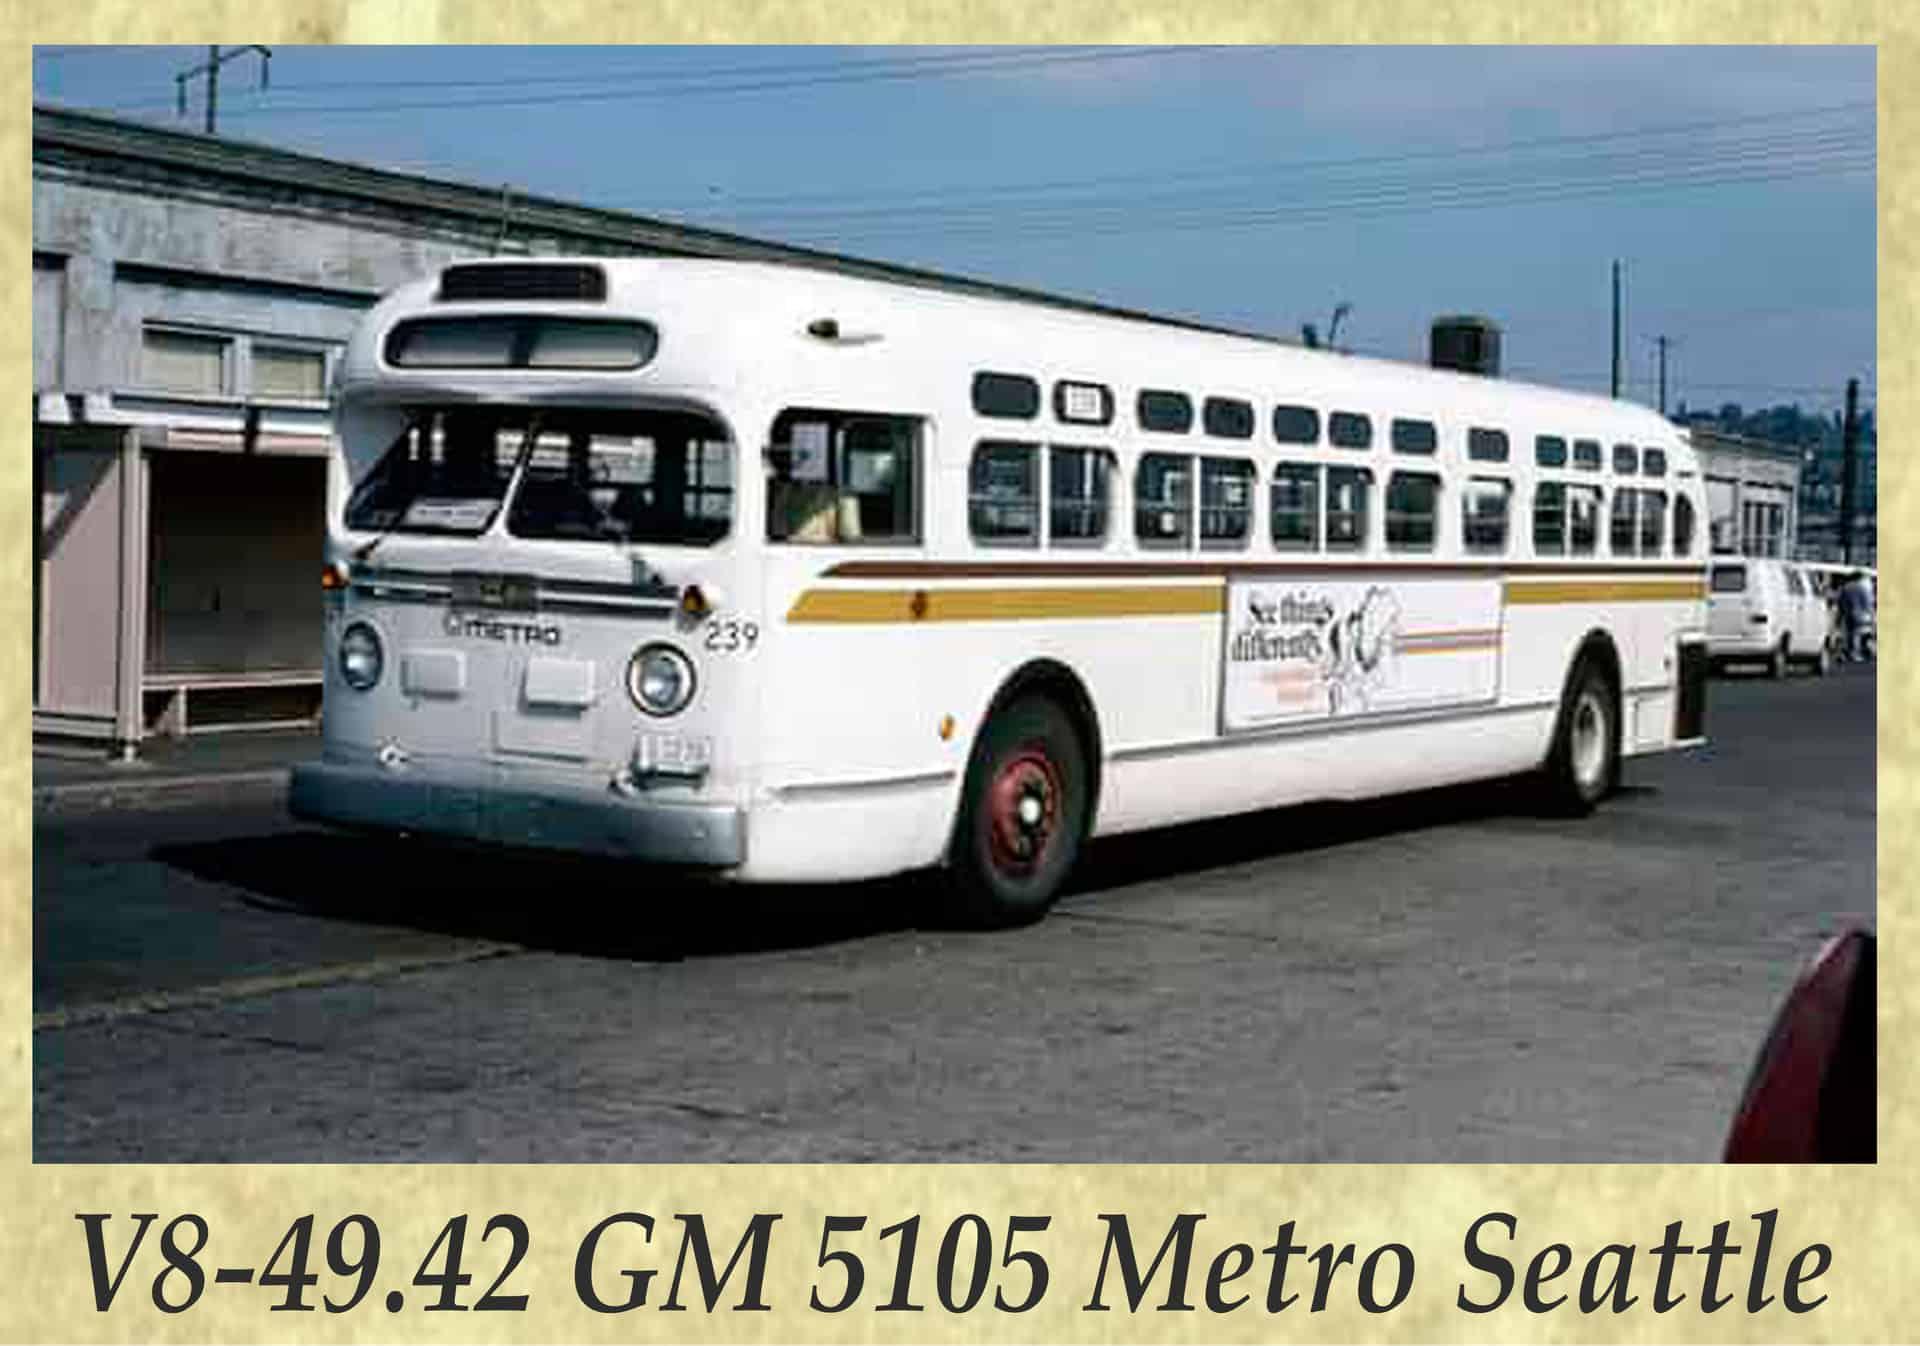 V8-49.42 GM 5105 Metro Seattle